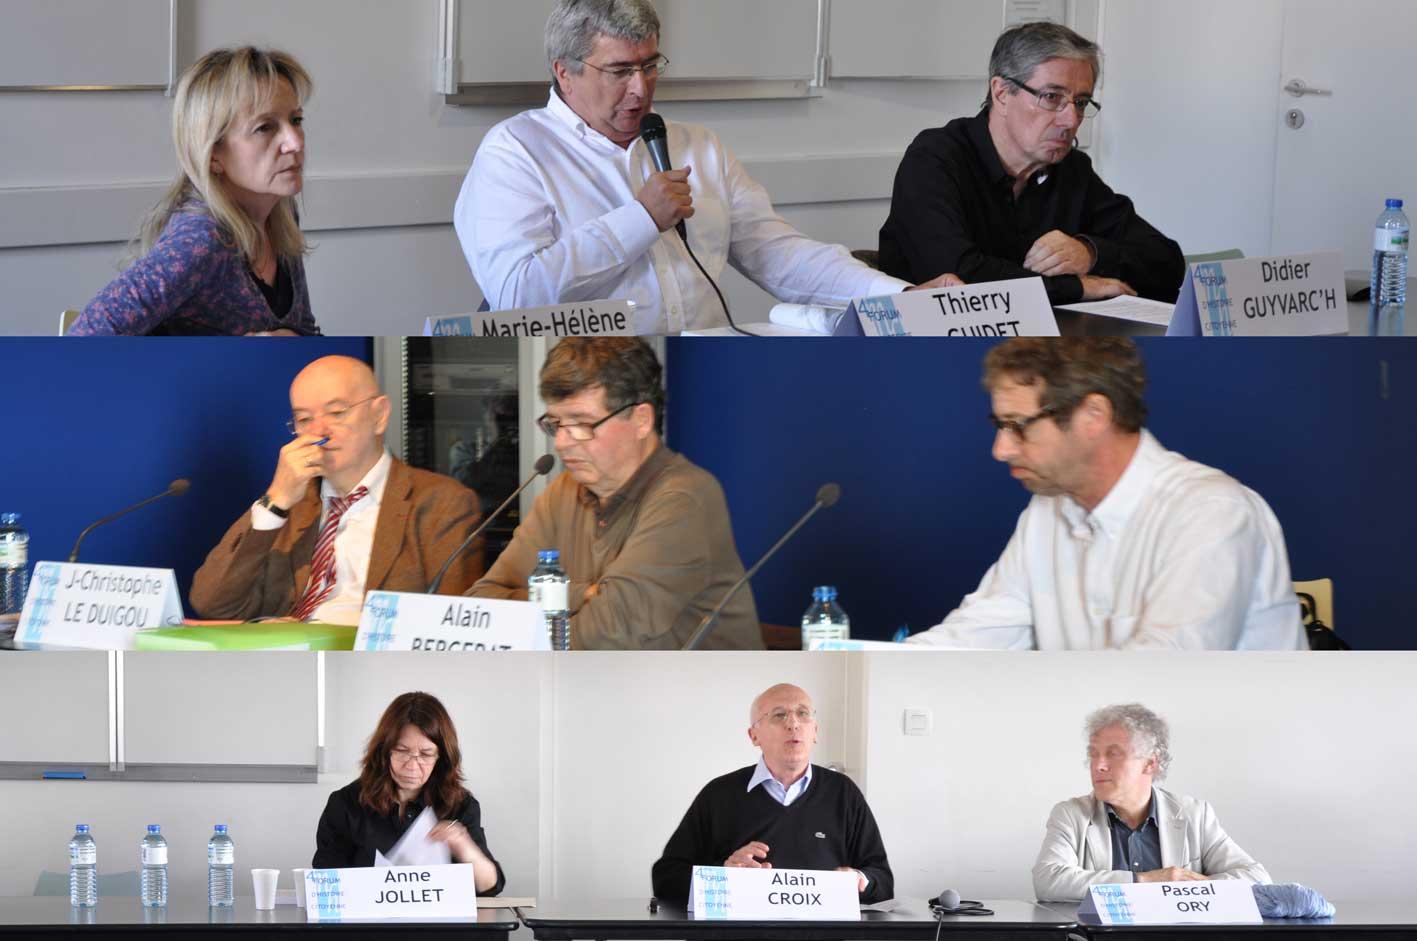 Marie-Hélène Jouzeau, Thierry Guidet, Didier Guyvarc'h, Jean-Christophe Le Duigou, Alain Bergerat, Jean-Paul Charaux, Anne Jollet, Alain Croix, Pascal Ory